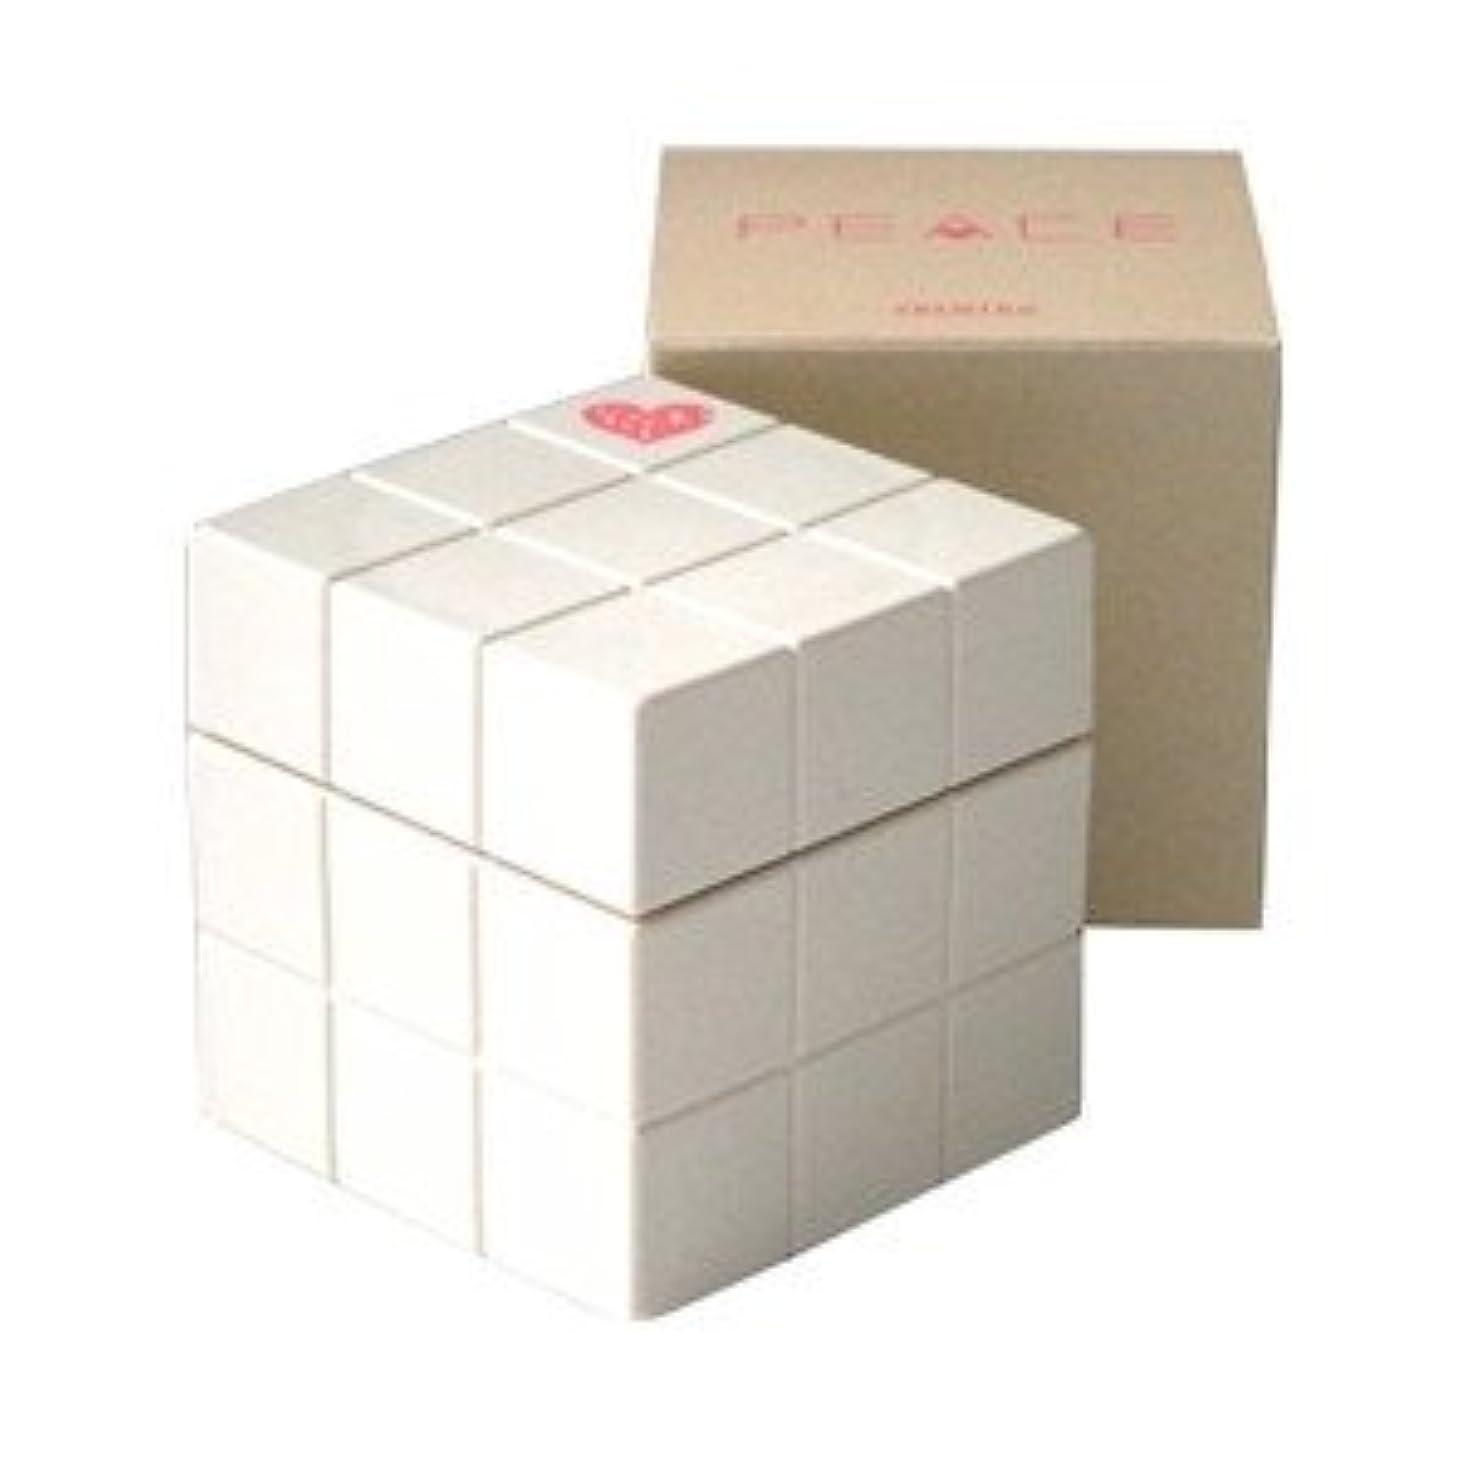 る文明化するキャビンアリミノ ピース ニュアンス wax (バニラ) 80g